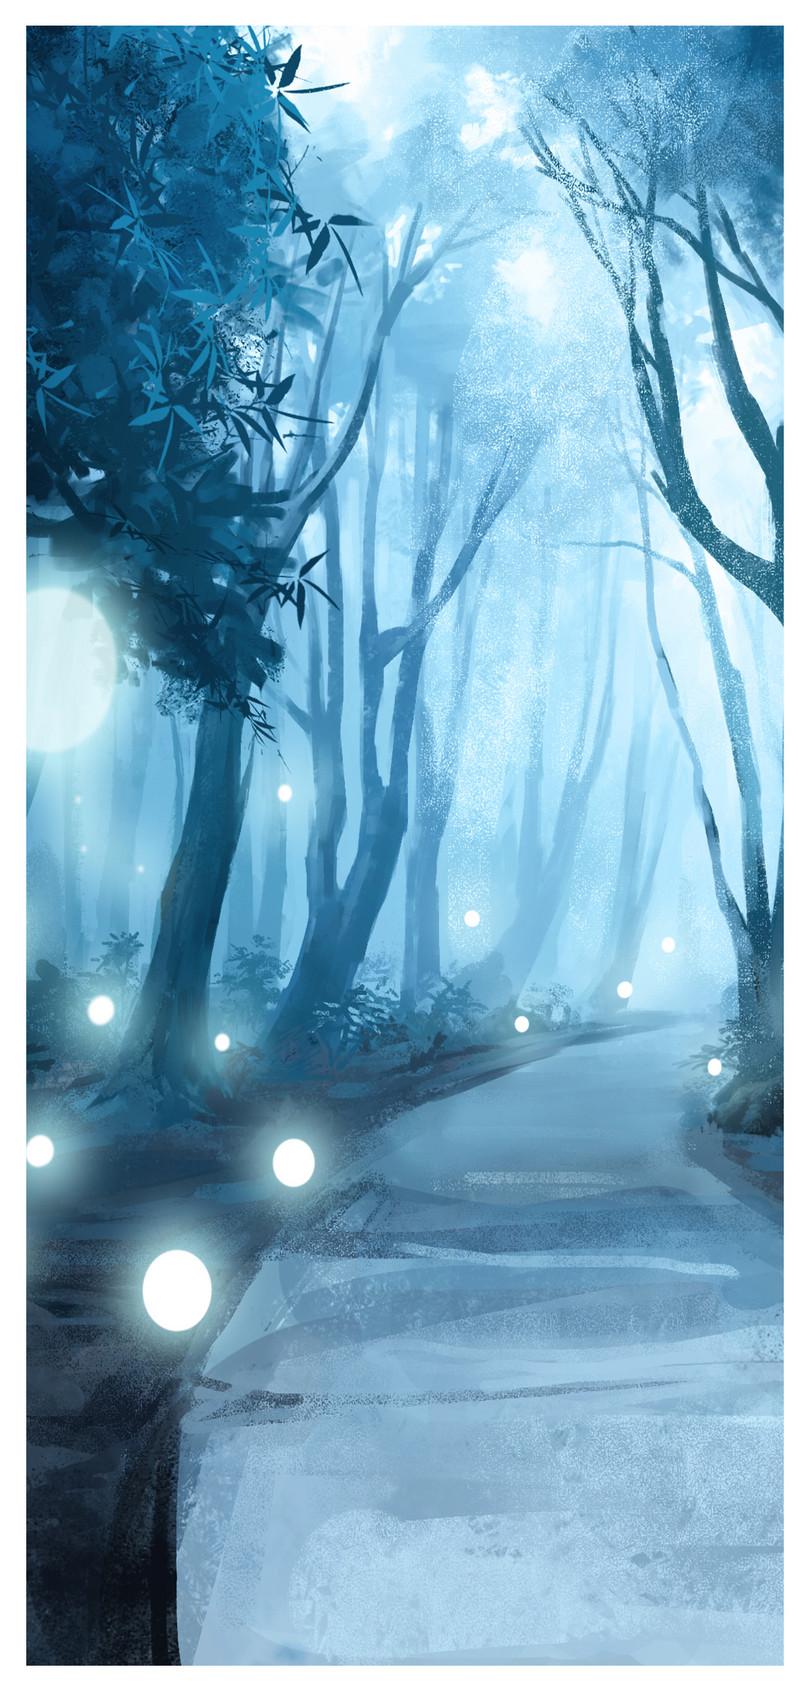 森のホタルの携帯電話の壁紙イメージ 背景 Id 400259602 Prf画像